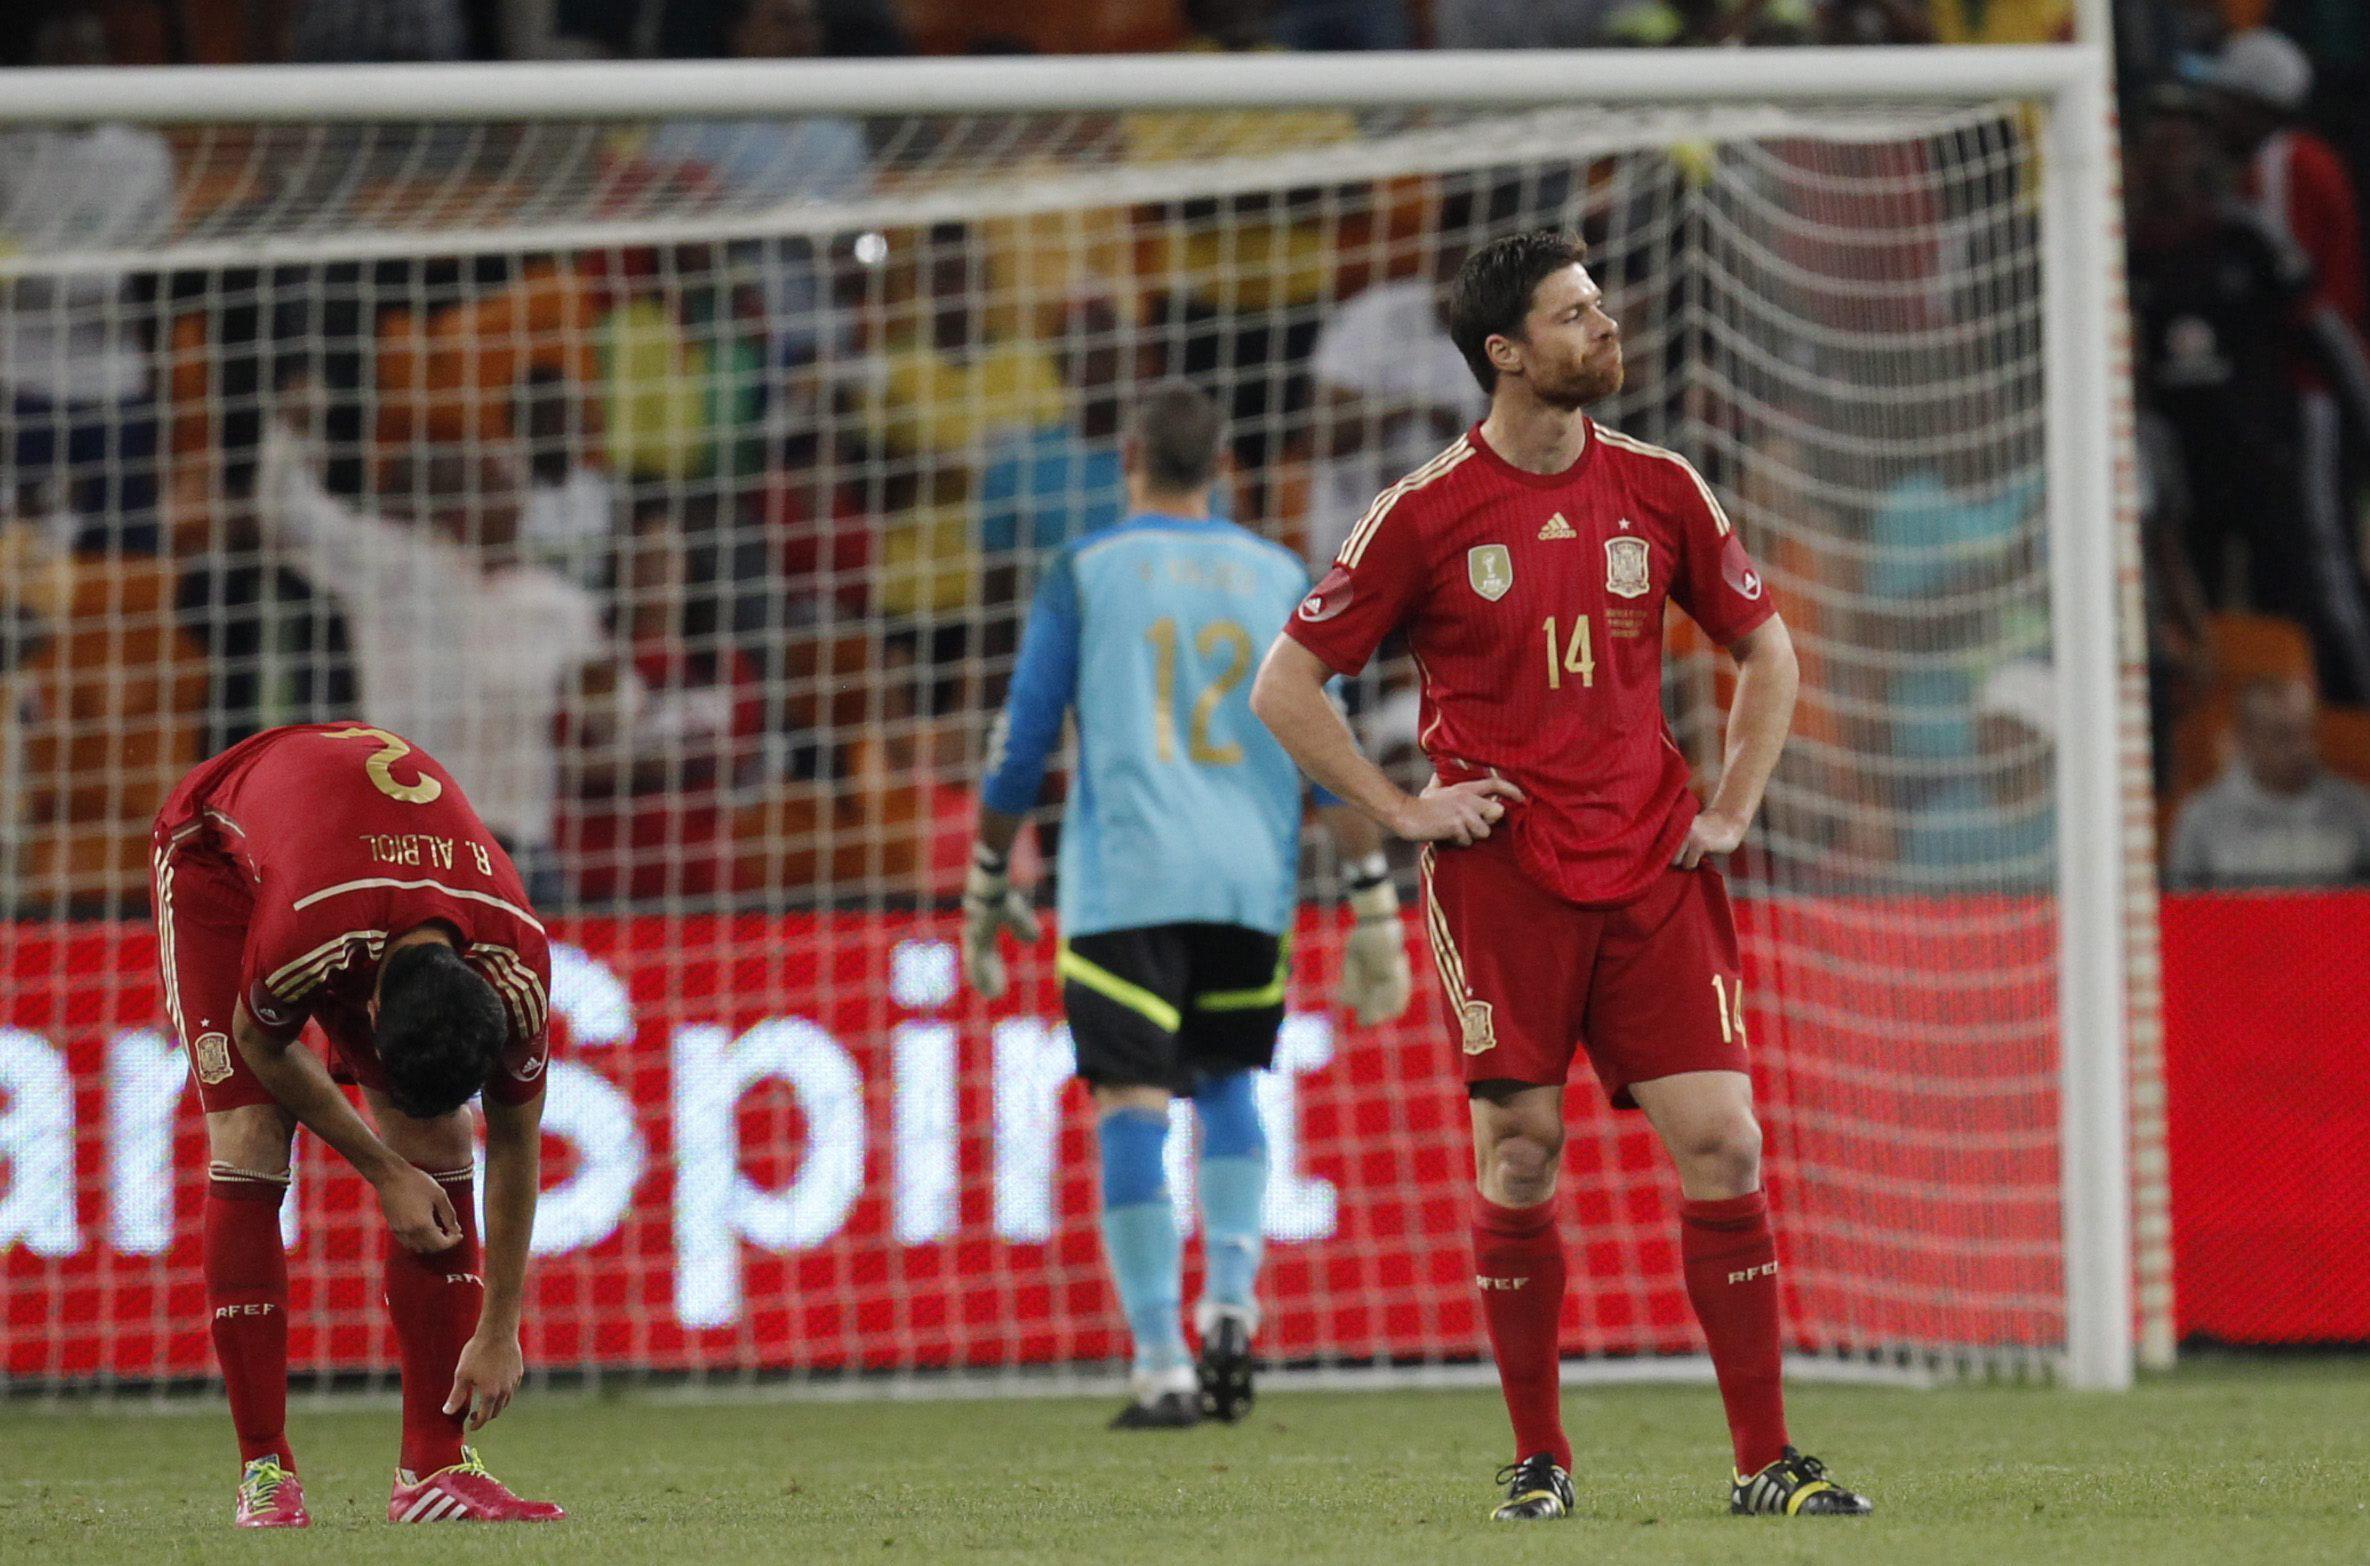 La prensa sudafricana, eufórica tras el «noqueo» de Bafana Bafana a España